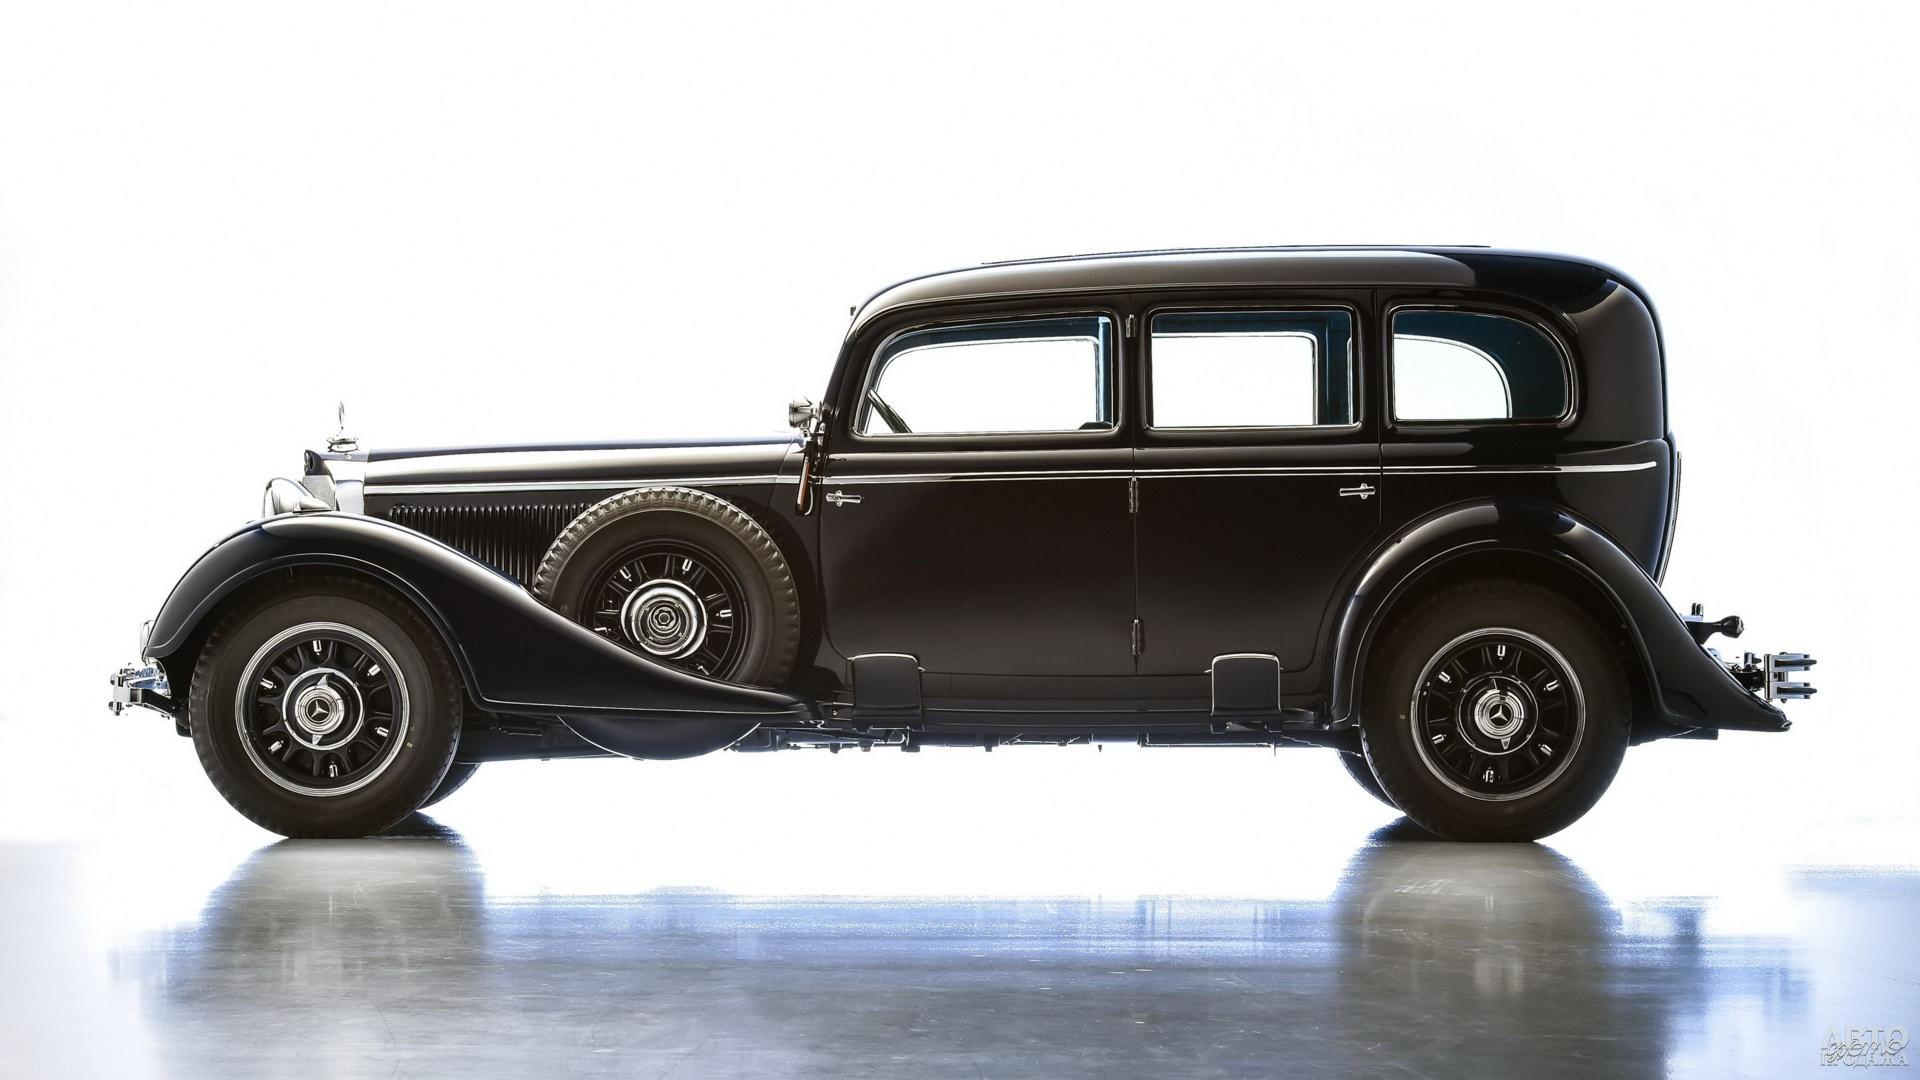 Mеrcedes-Benz 770 K 1938 года